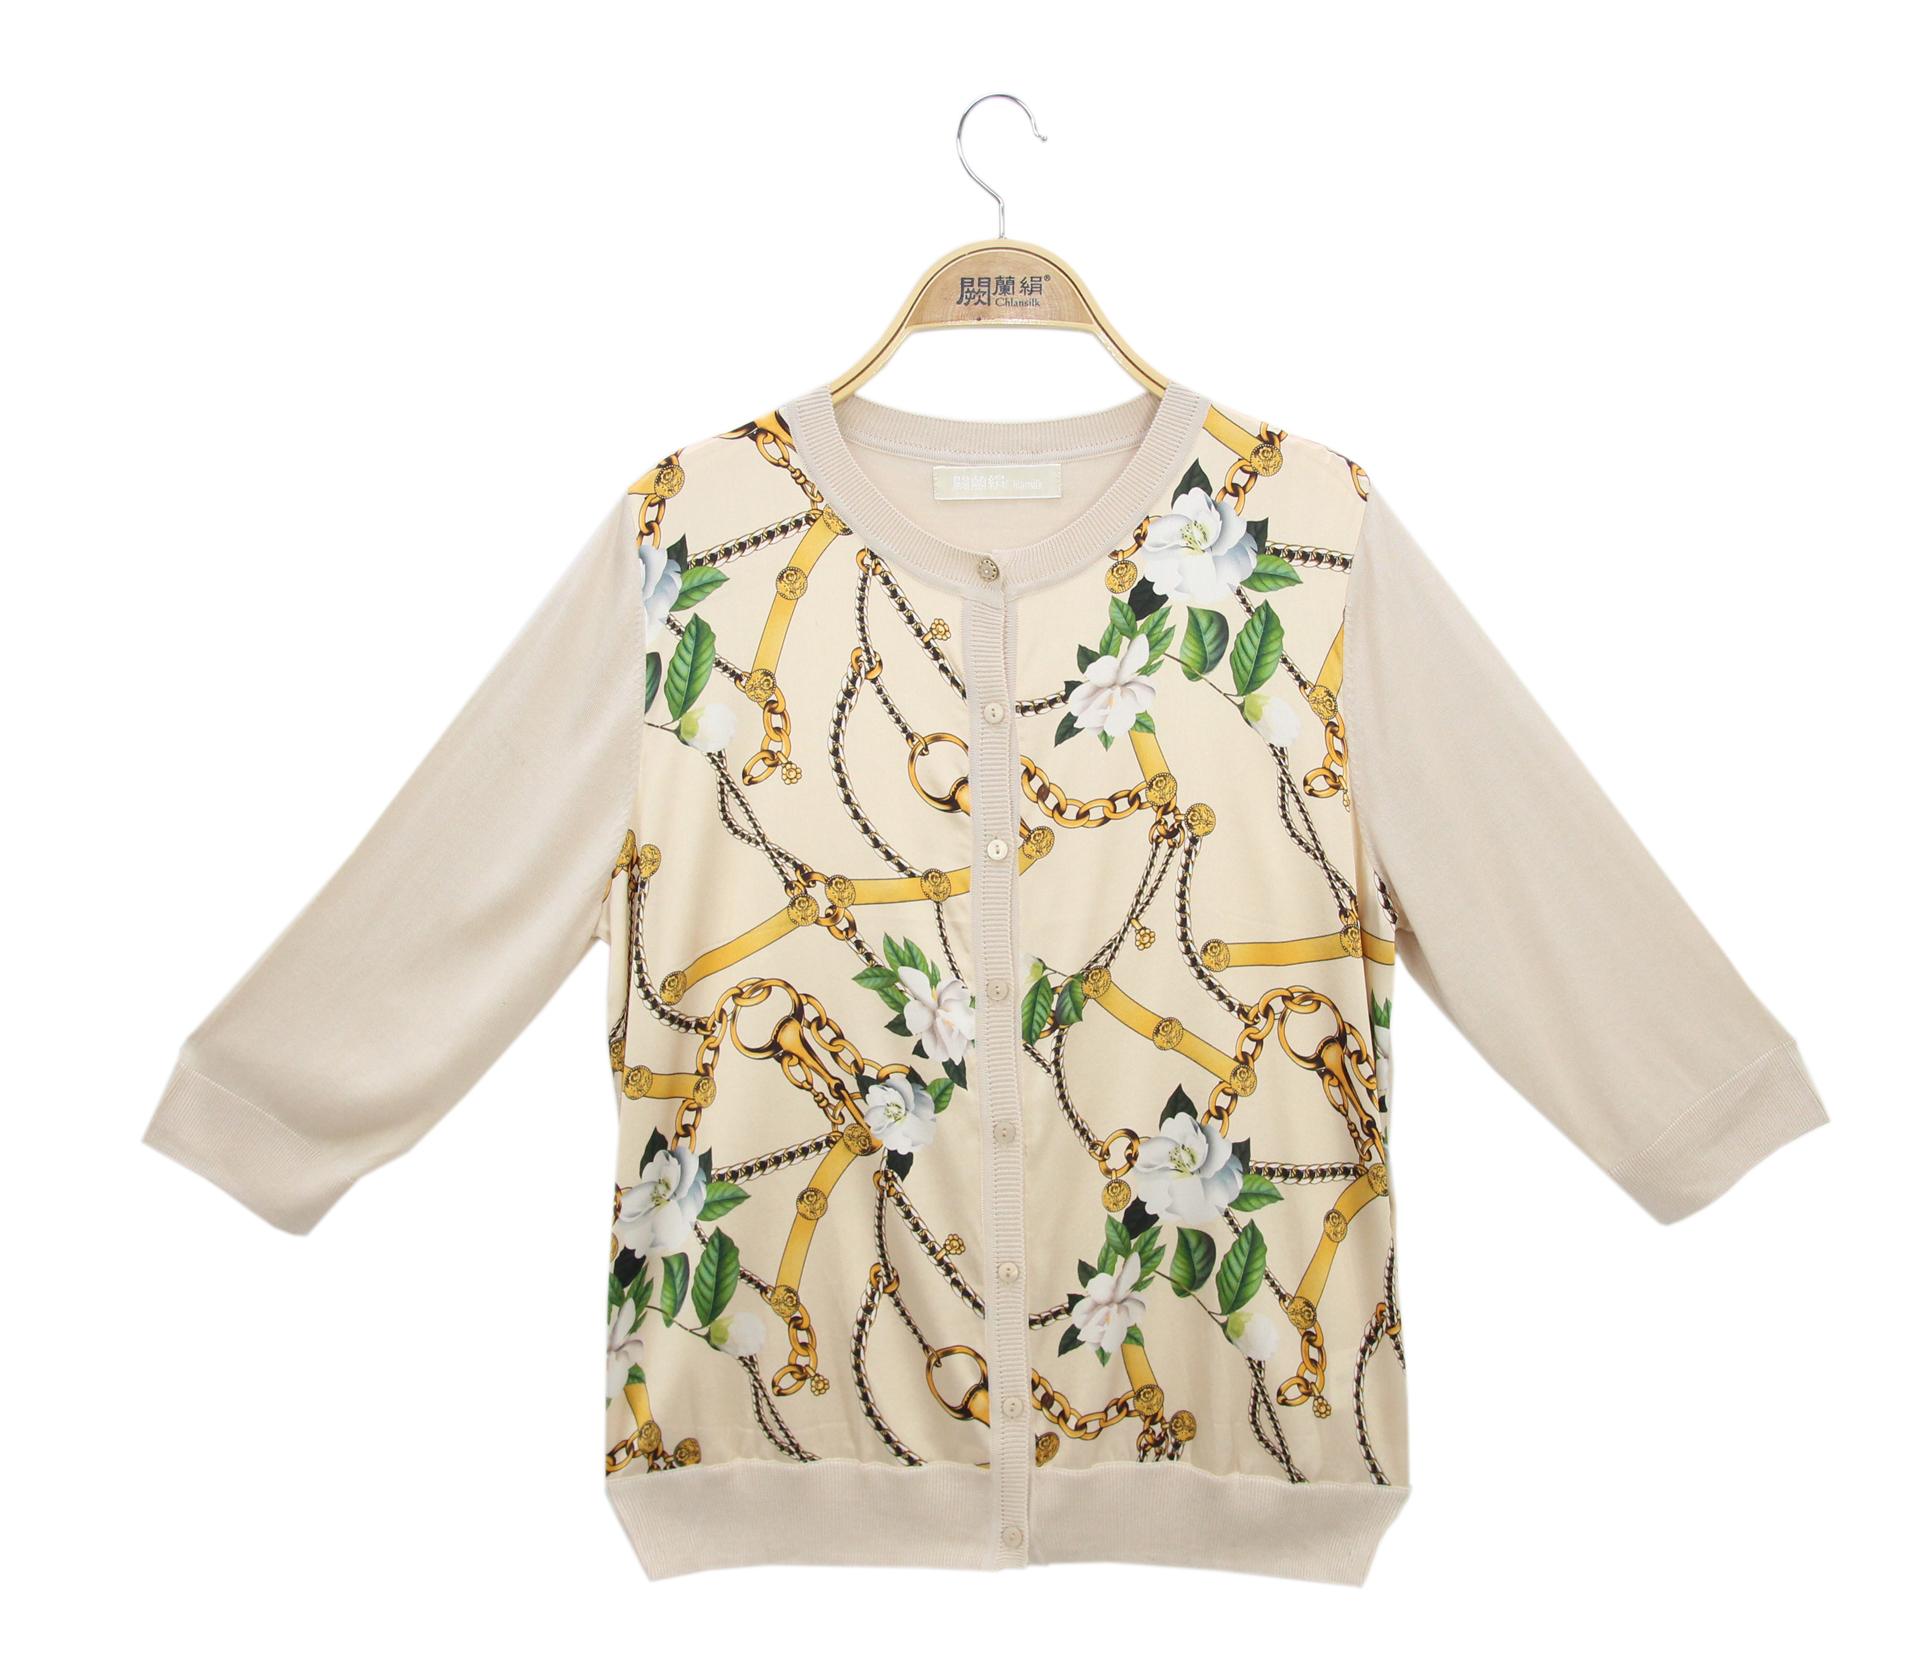 闕蘭絹拼接滑布鎖鏈花朵蠶絲針織外套 - 米色 - 6631